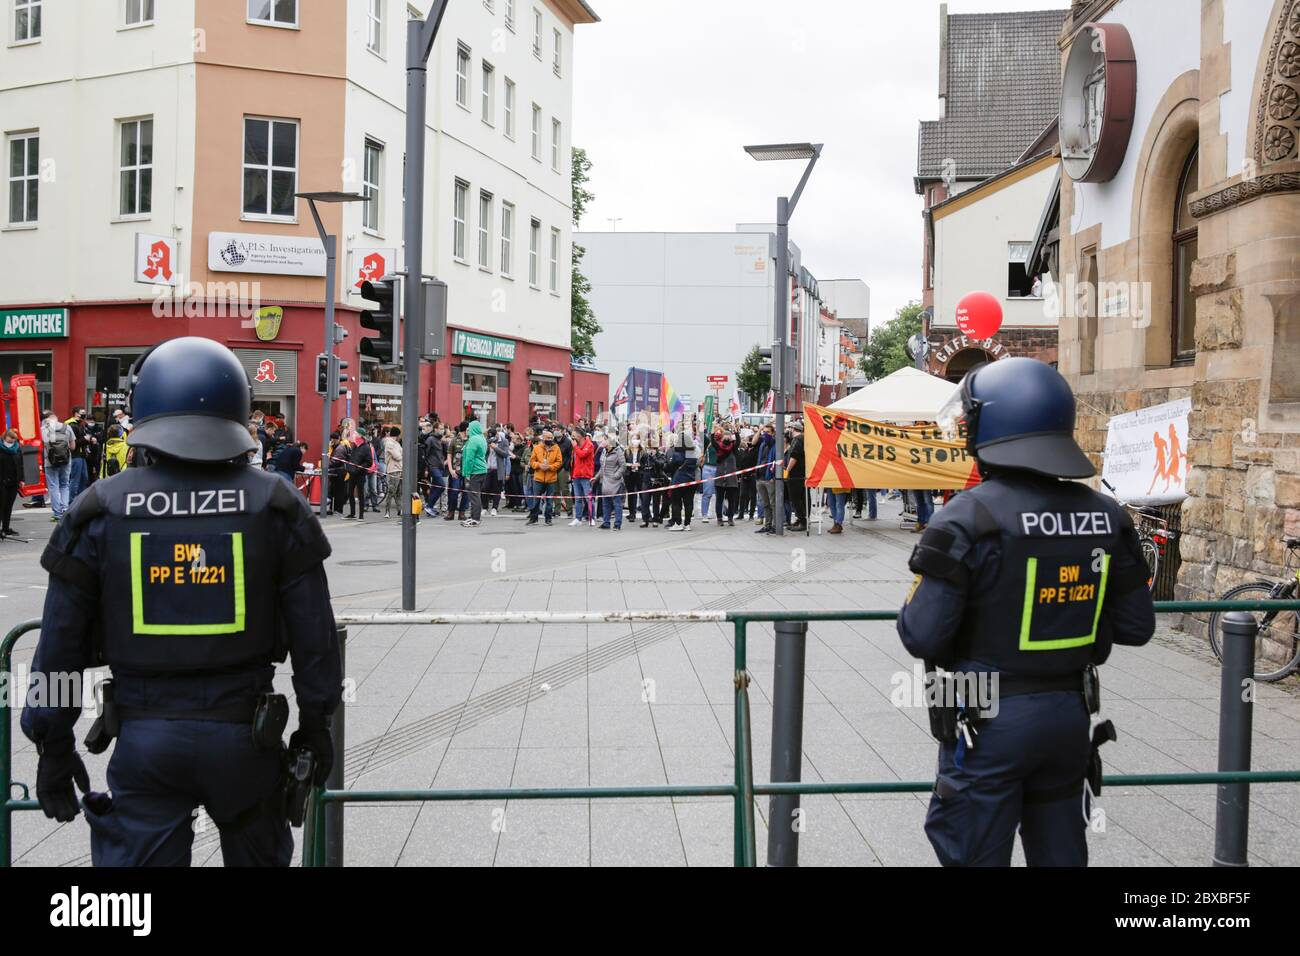 Worm, Germania. 6 giugno 2020. Gli ufficiali di polizia osservano la controricorrente in pieno ingranaggio di rivolta. Circa 50 manifestanti di destra hanno marciato attraverso il centro di Worms per il 12. E l'ultimo 'giorno del futuro tedesco'. La marcia è stata ridotta a causa di diverse centinaia di contronestori che hanno bloccato la strada della marcia di destra. la marcia è stata un evento annuale di destra in diverse città tedesche che ha attirato oltre 1000 manifestanti al suo massimo livello. Foto Stock